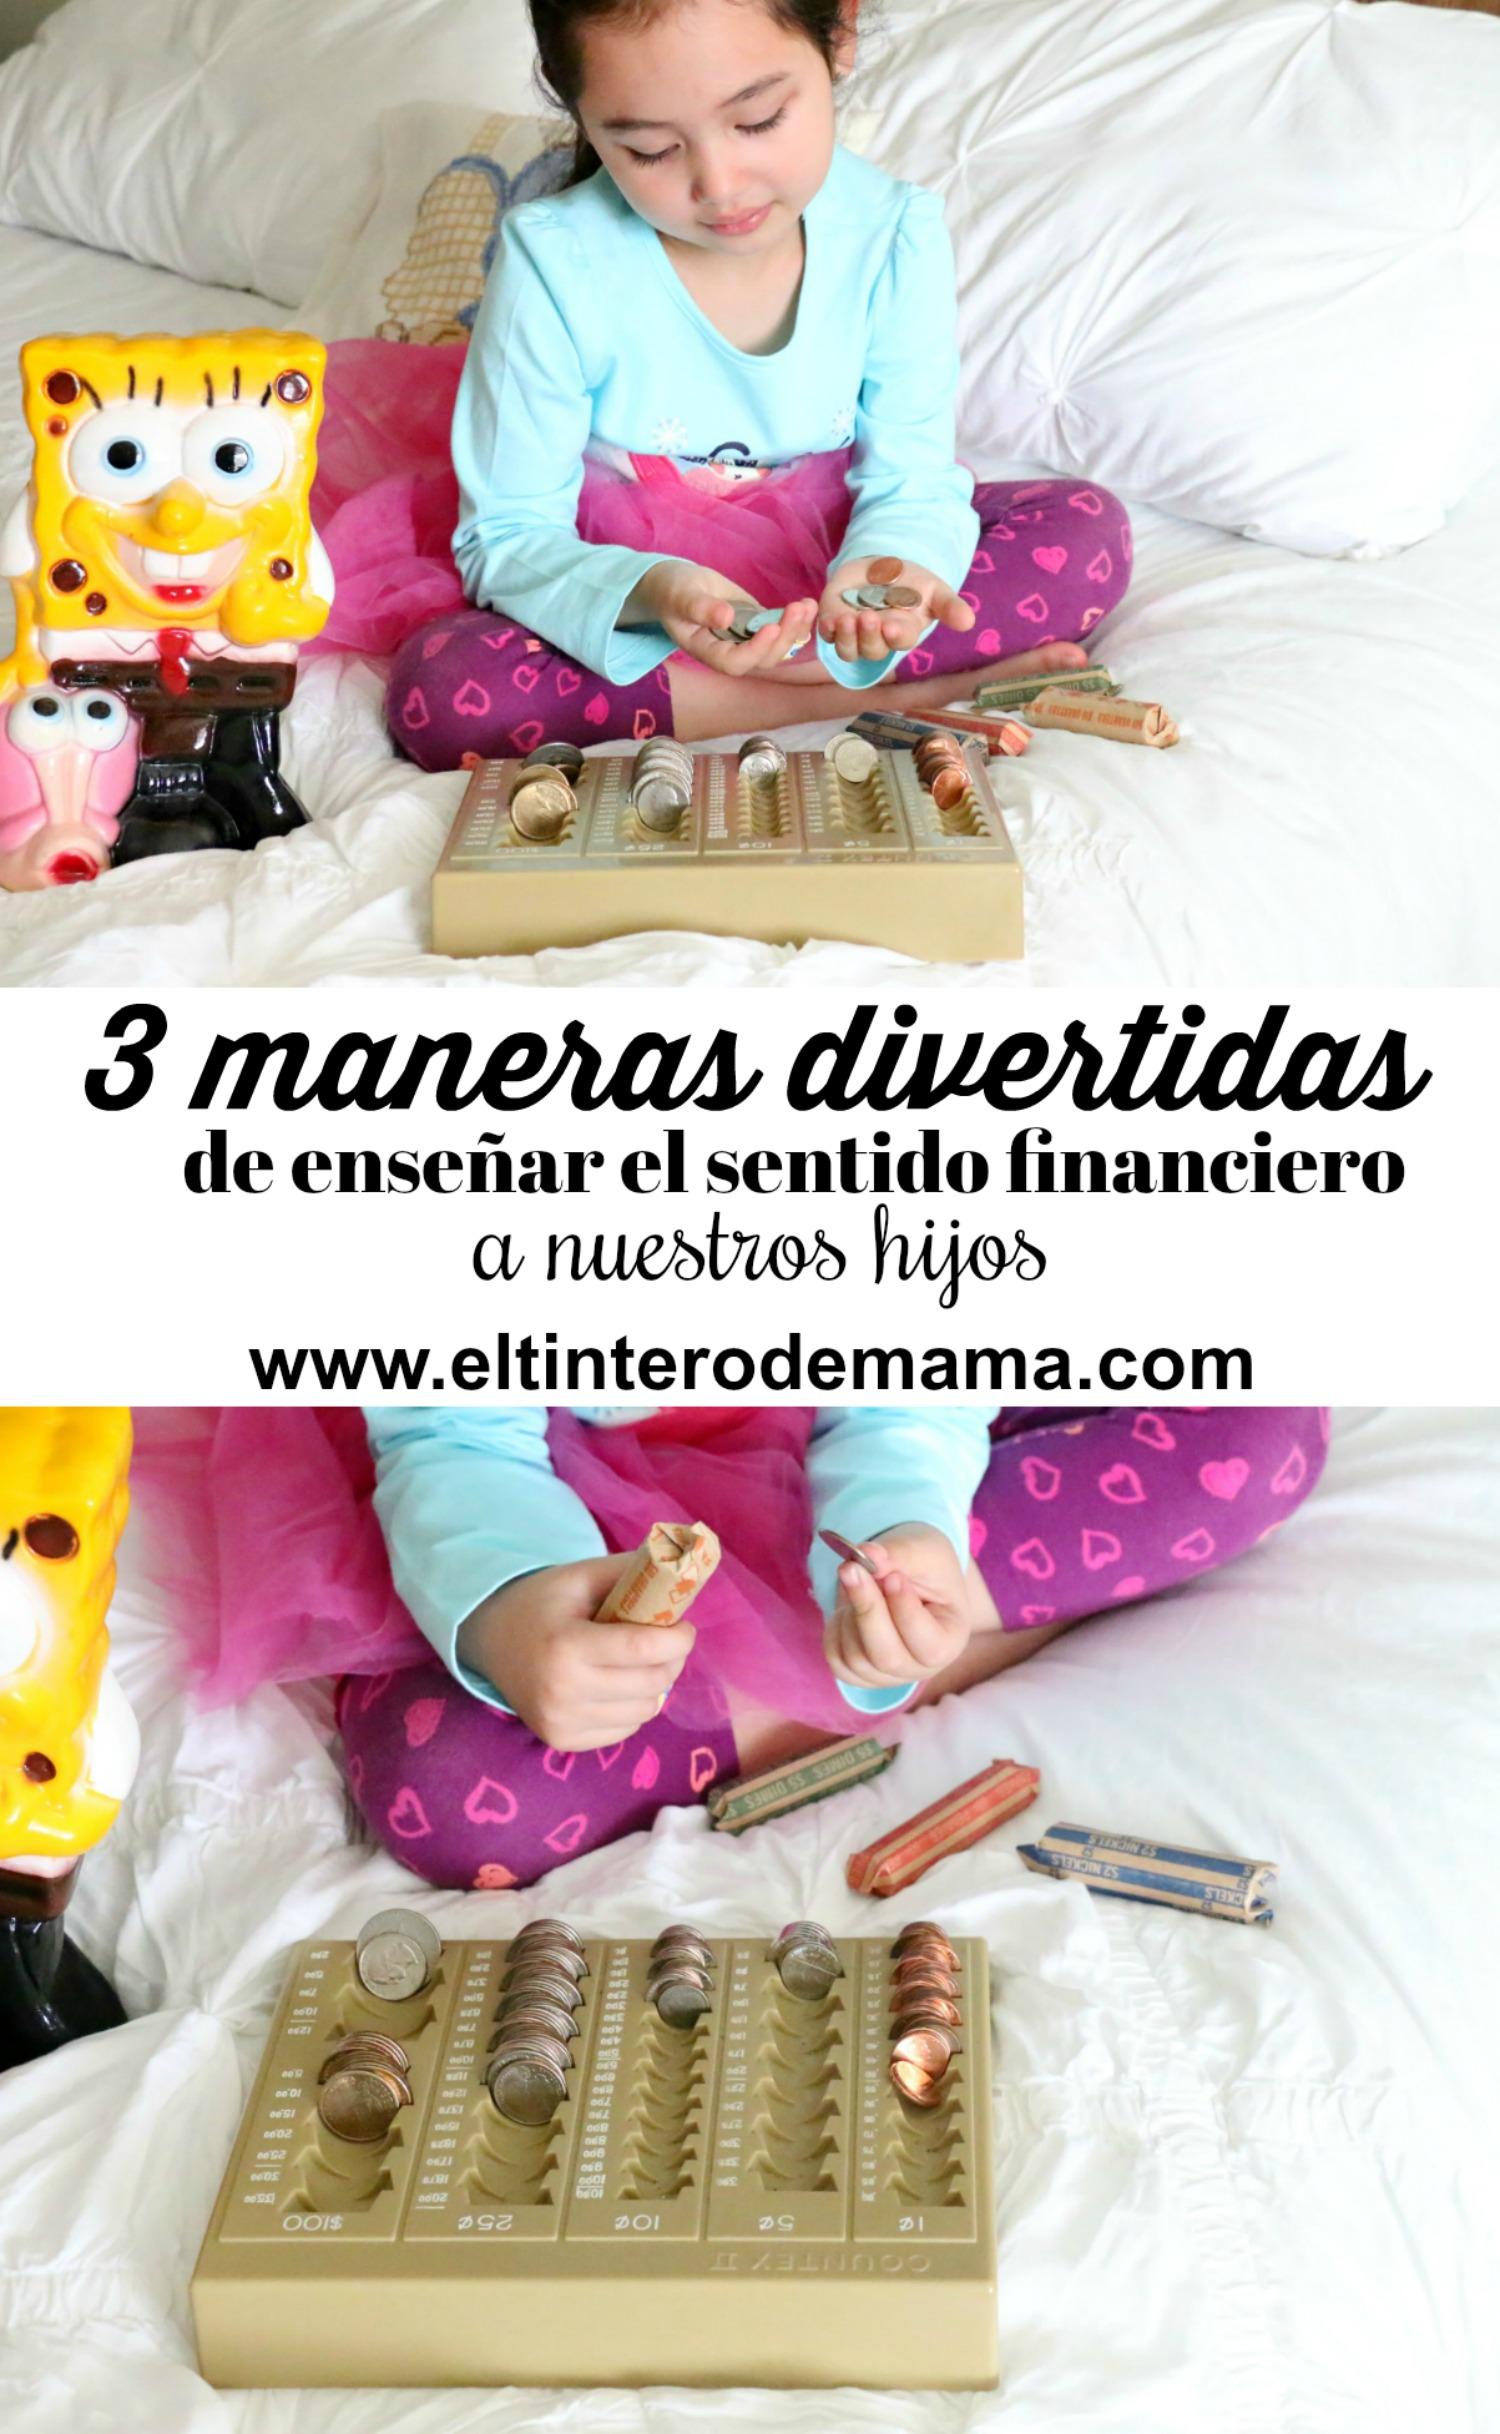 3-maneras-divertidas-de-ensenar-el-sentido-financiero-a-nuestros-hijos